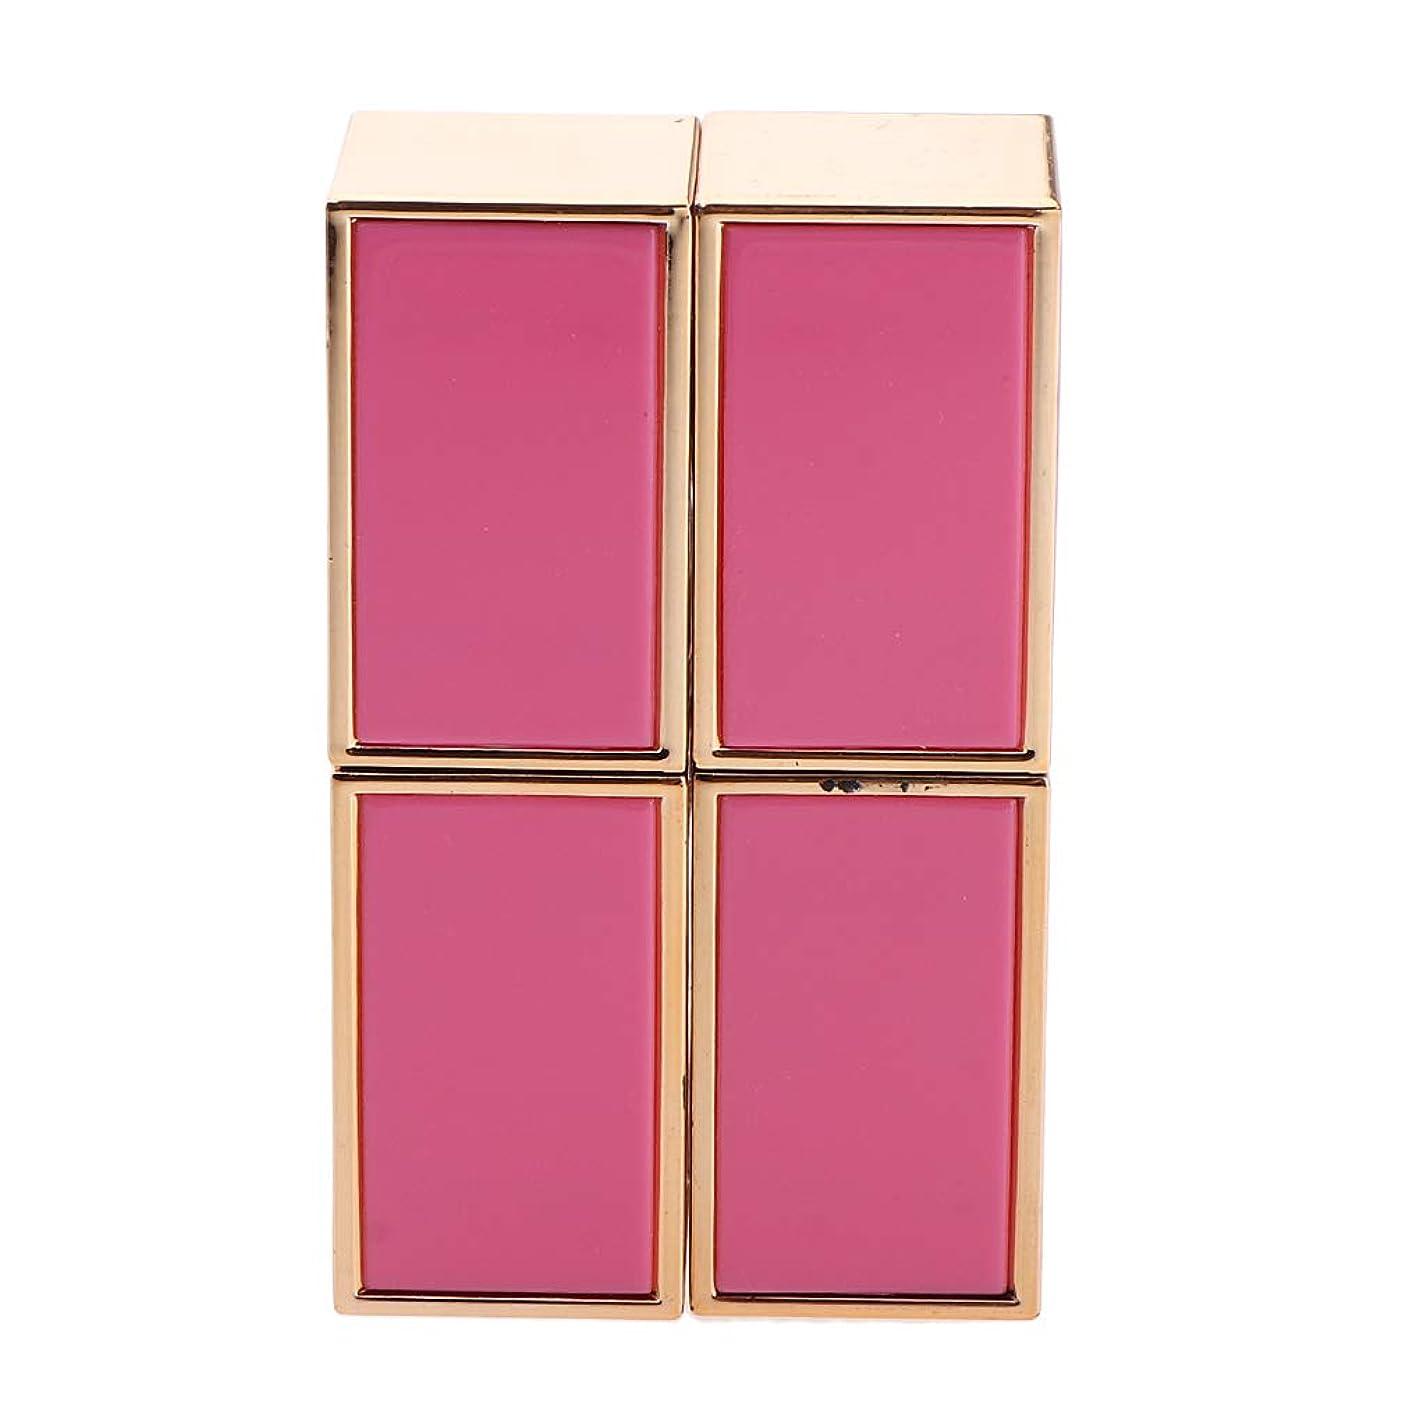 敬礼捨てる請求DYNWAVE 口紅 容器 空 口紅チューブ 口紅コンテナ リップグロス管 手作り口紅容器 固体香水 2色選べ - ピンク